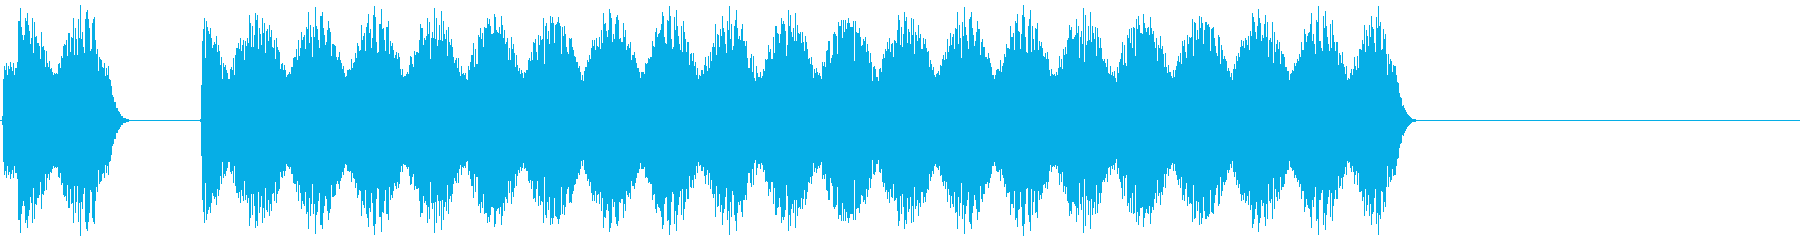 車のクラクションの音 「ビビーッ」の再生済みの波形